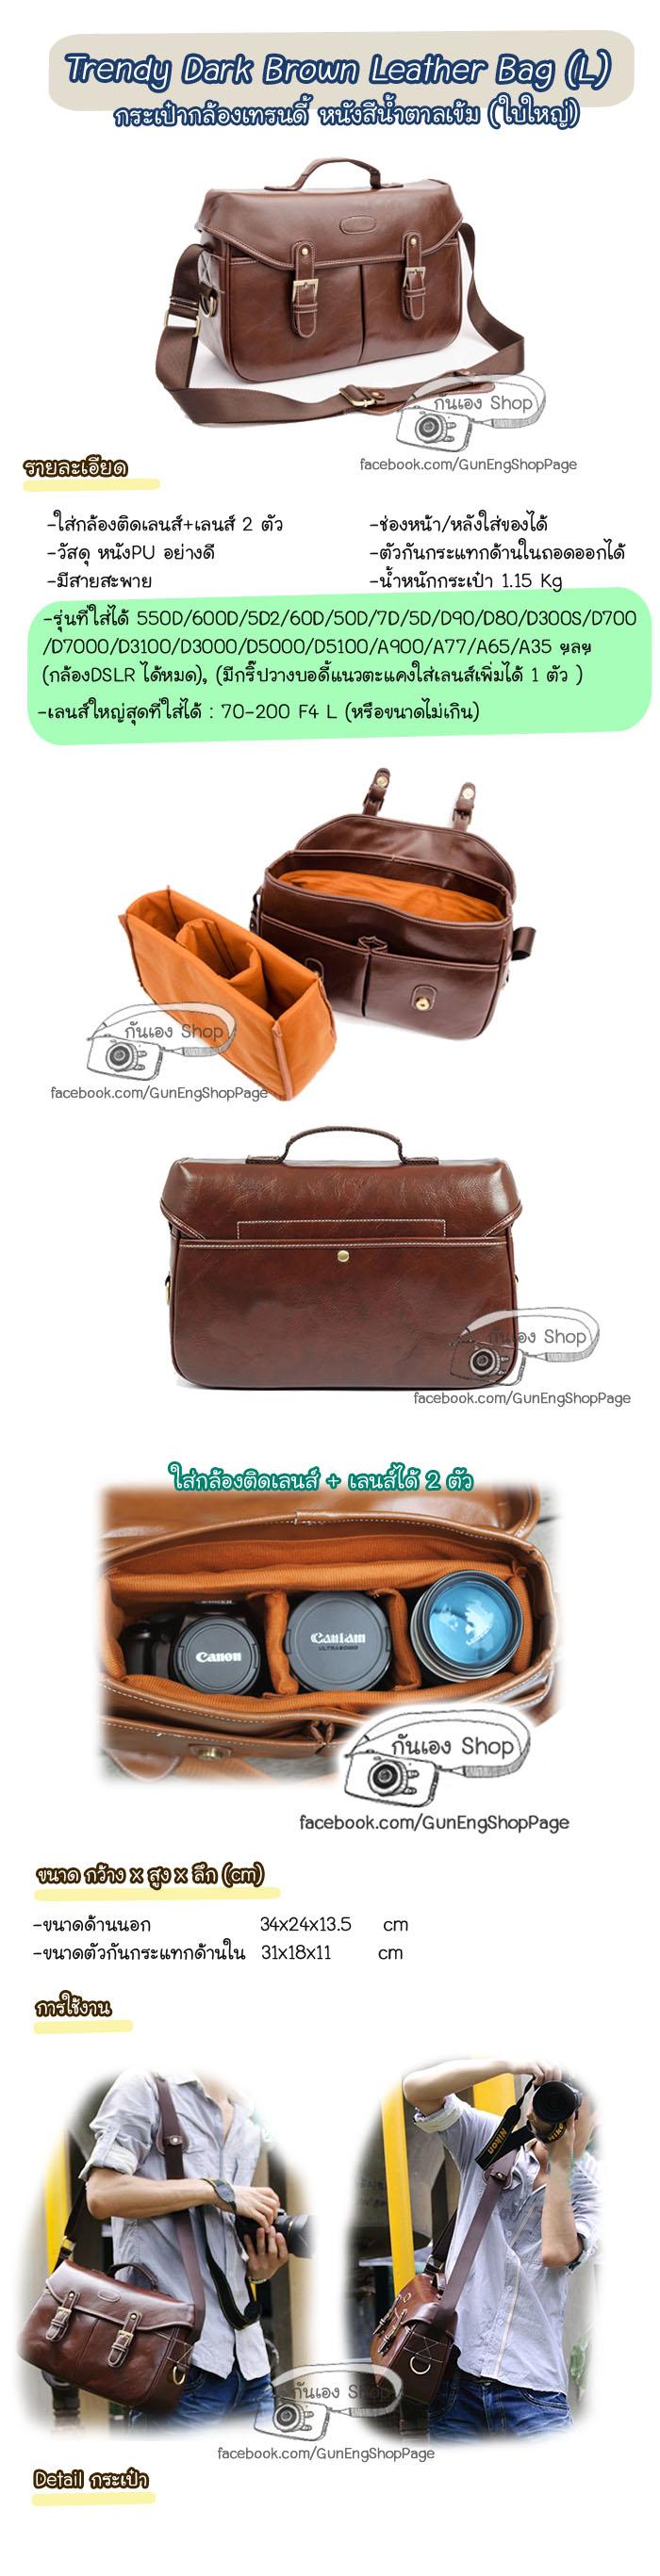 กระเป๋ากล้อง Trendy Dark Brown Leather (L)